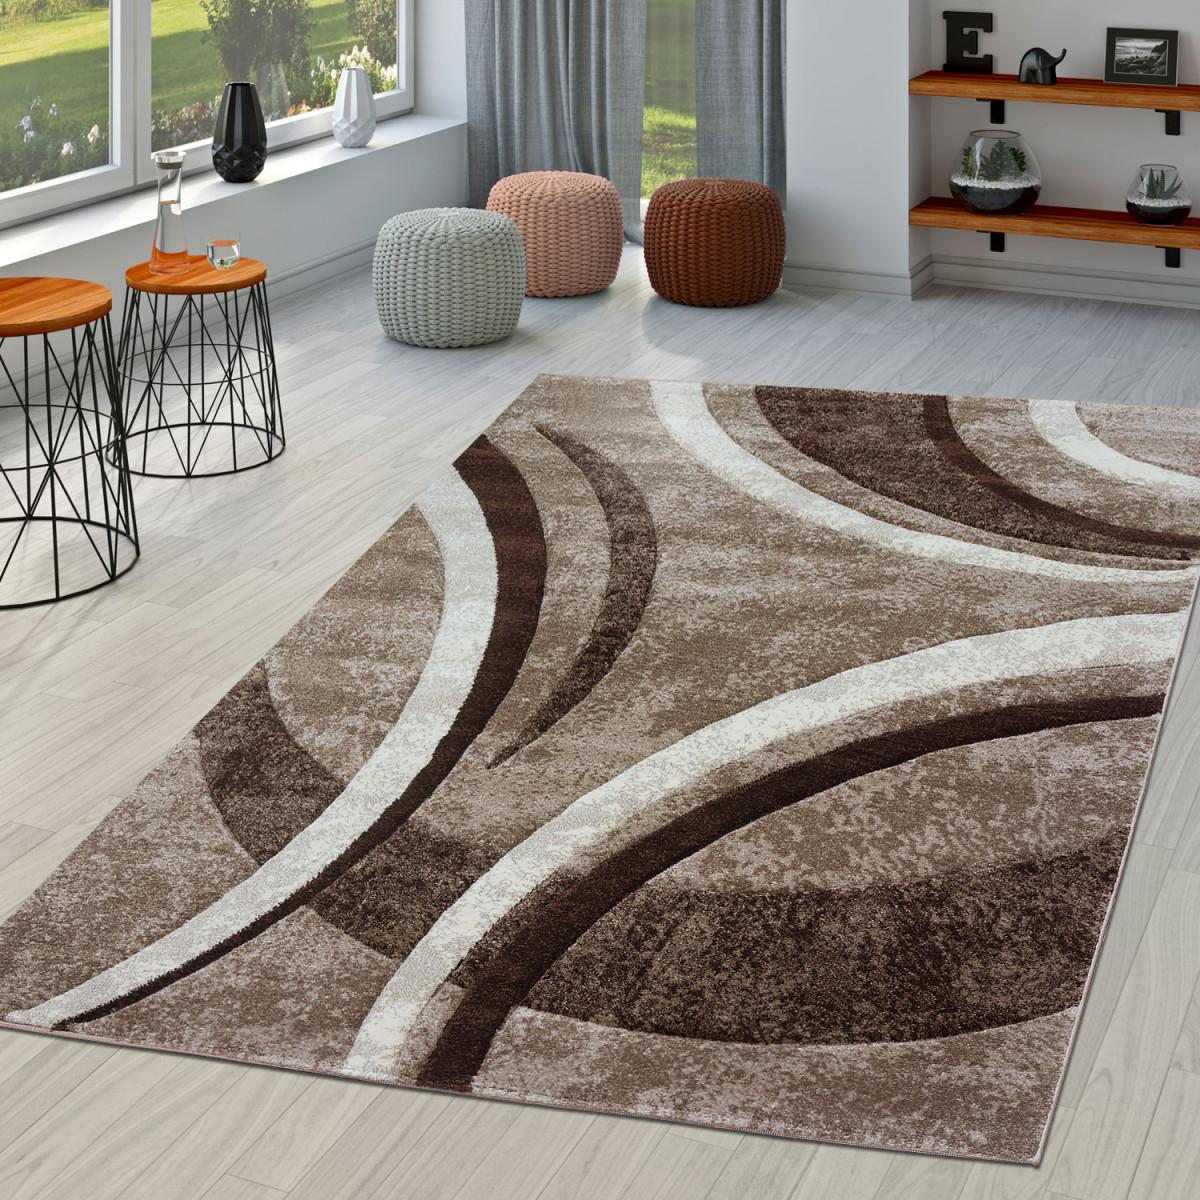 Details Zu Teppich Wohnzimmer Gestreift Modern Mit Konturenschnitt In Braun  Beige Creme von Wohnzimmer Teppich Braun Beige Bild